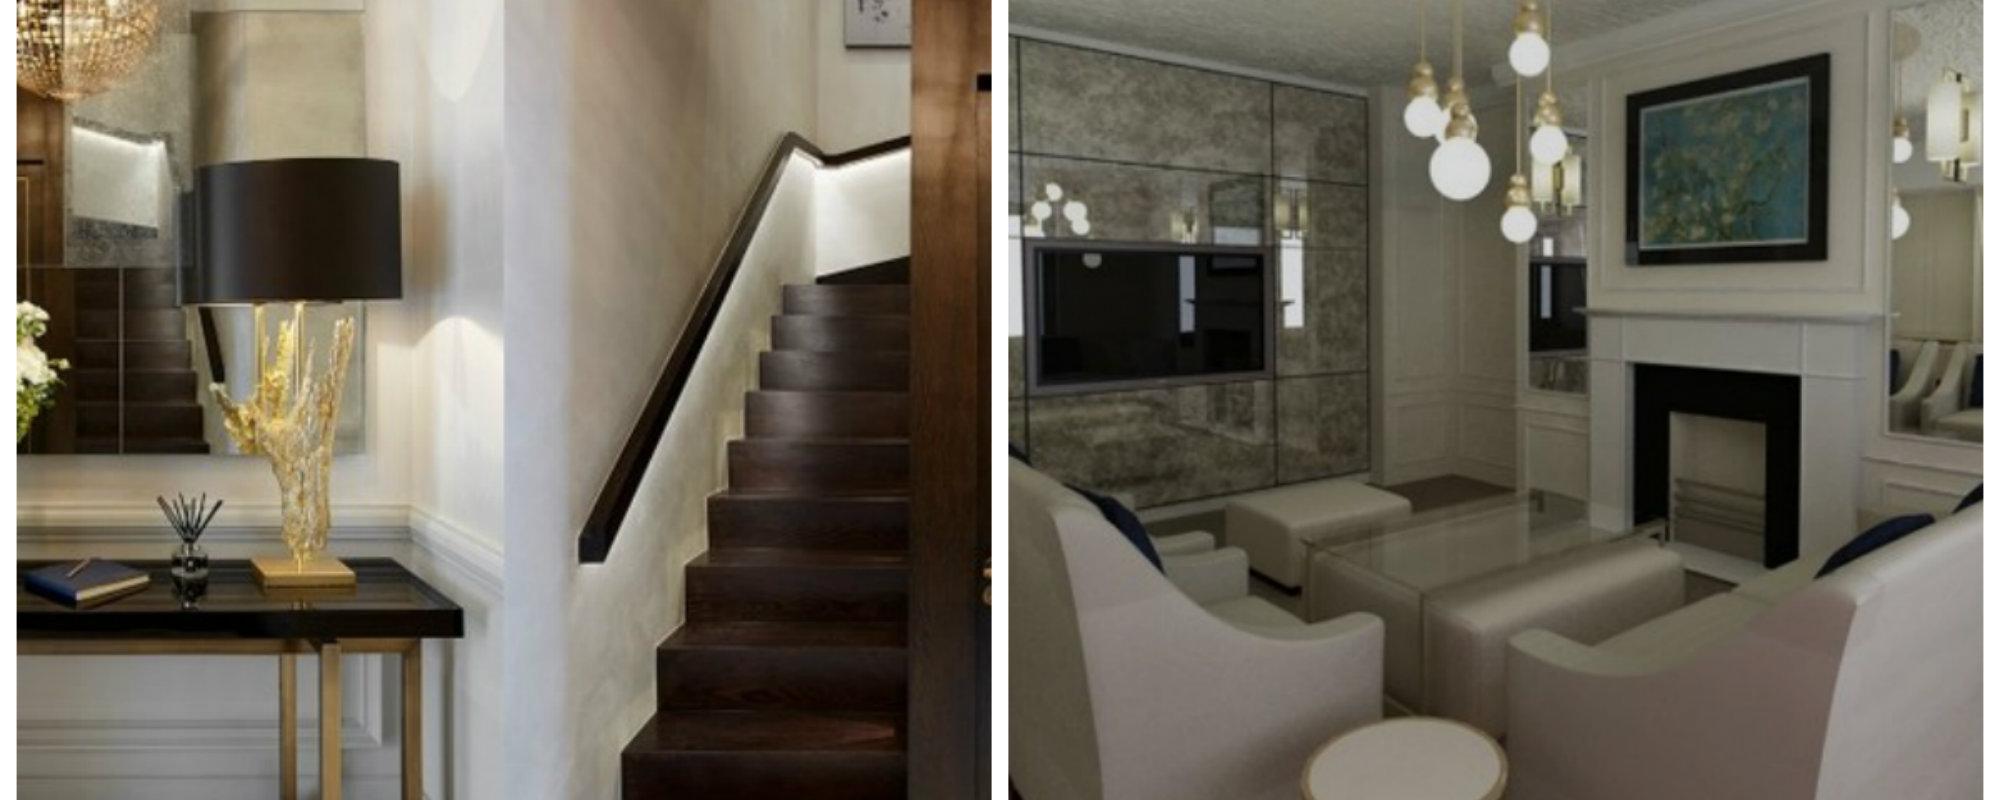 BASE: Diseño de interiores y proyectos de lujo Diseño de interiores BASE: Diseño de interiores y proyectos de lujo Featured 8